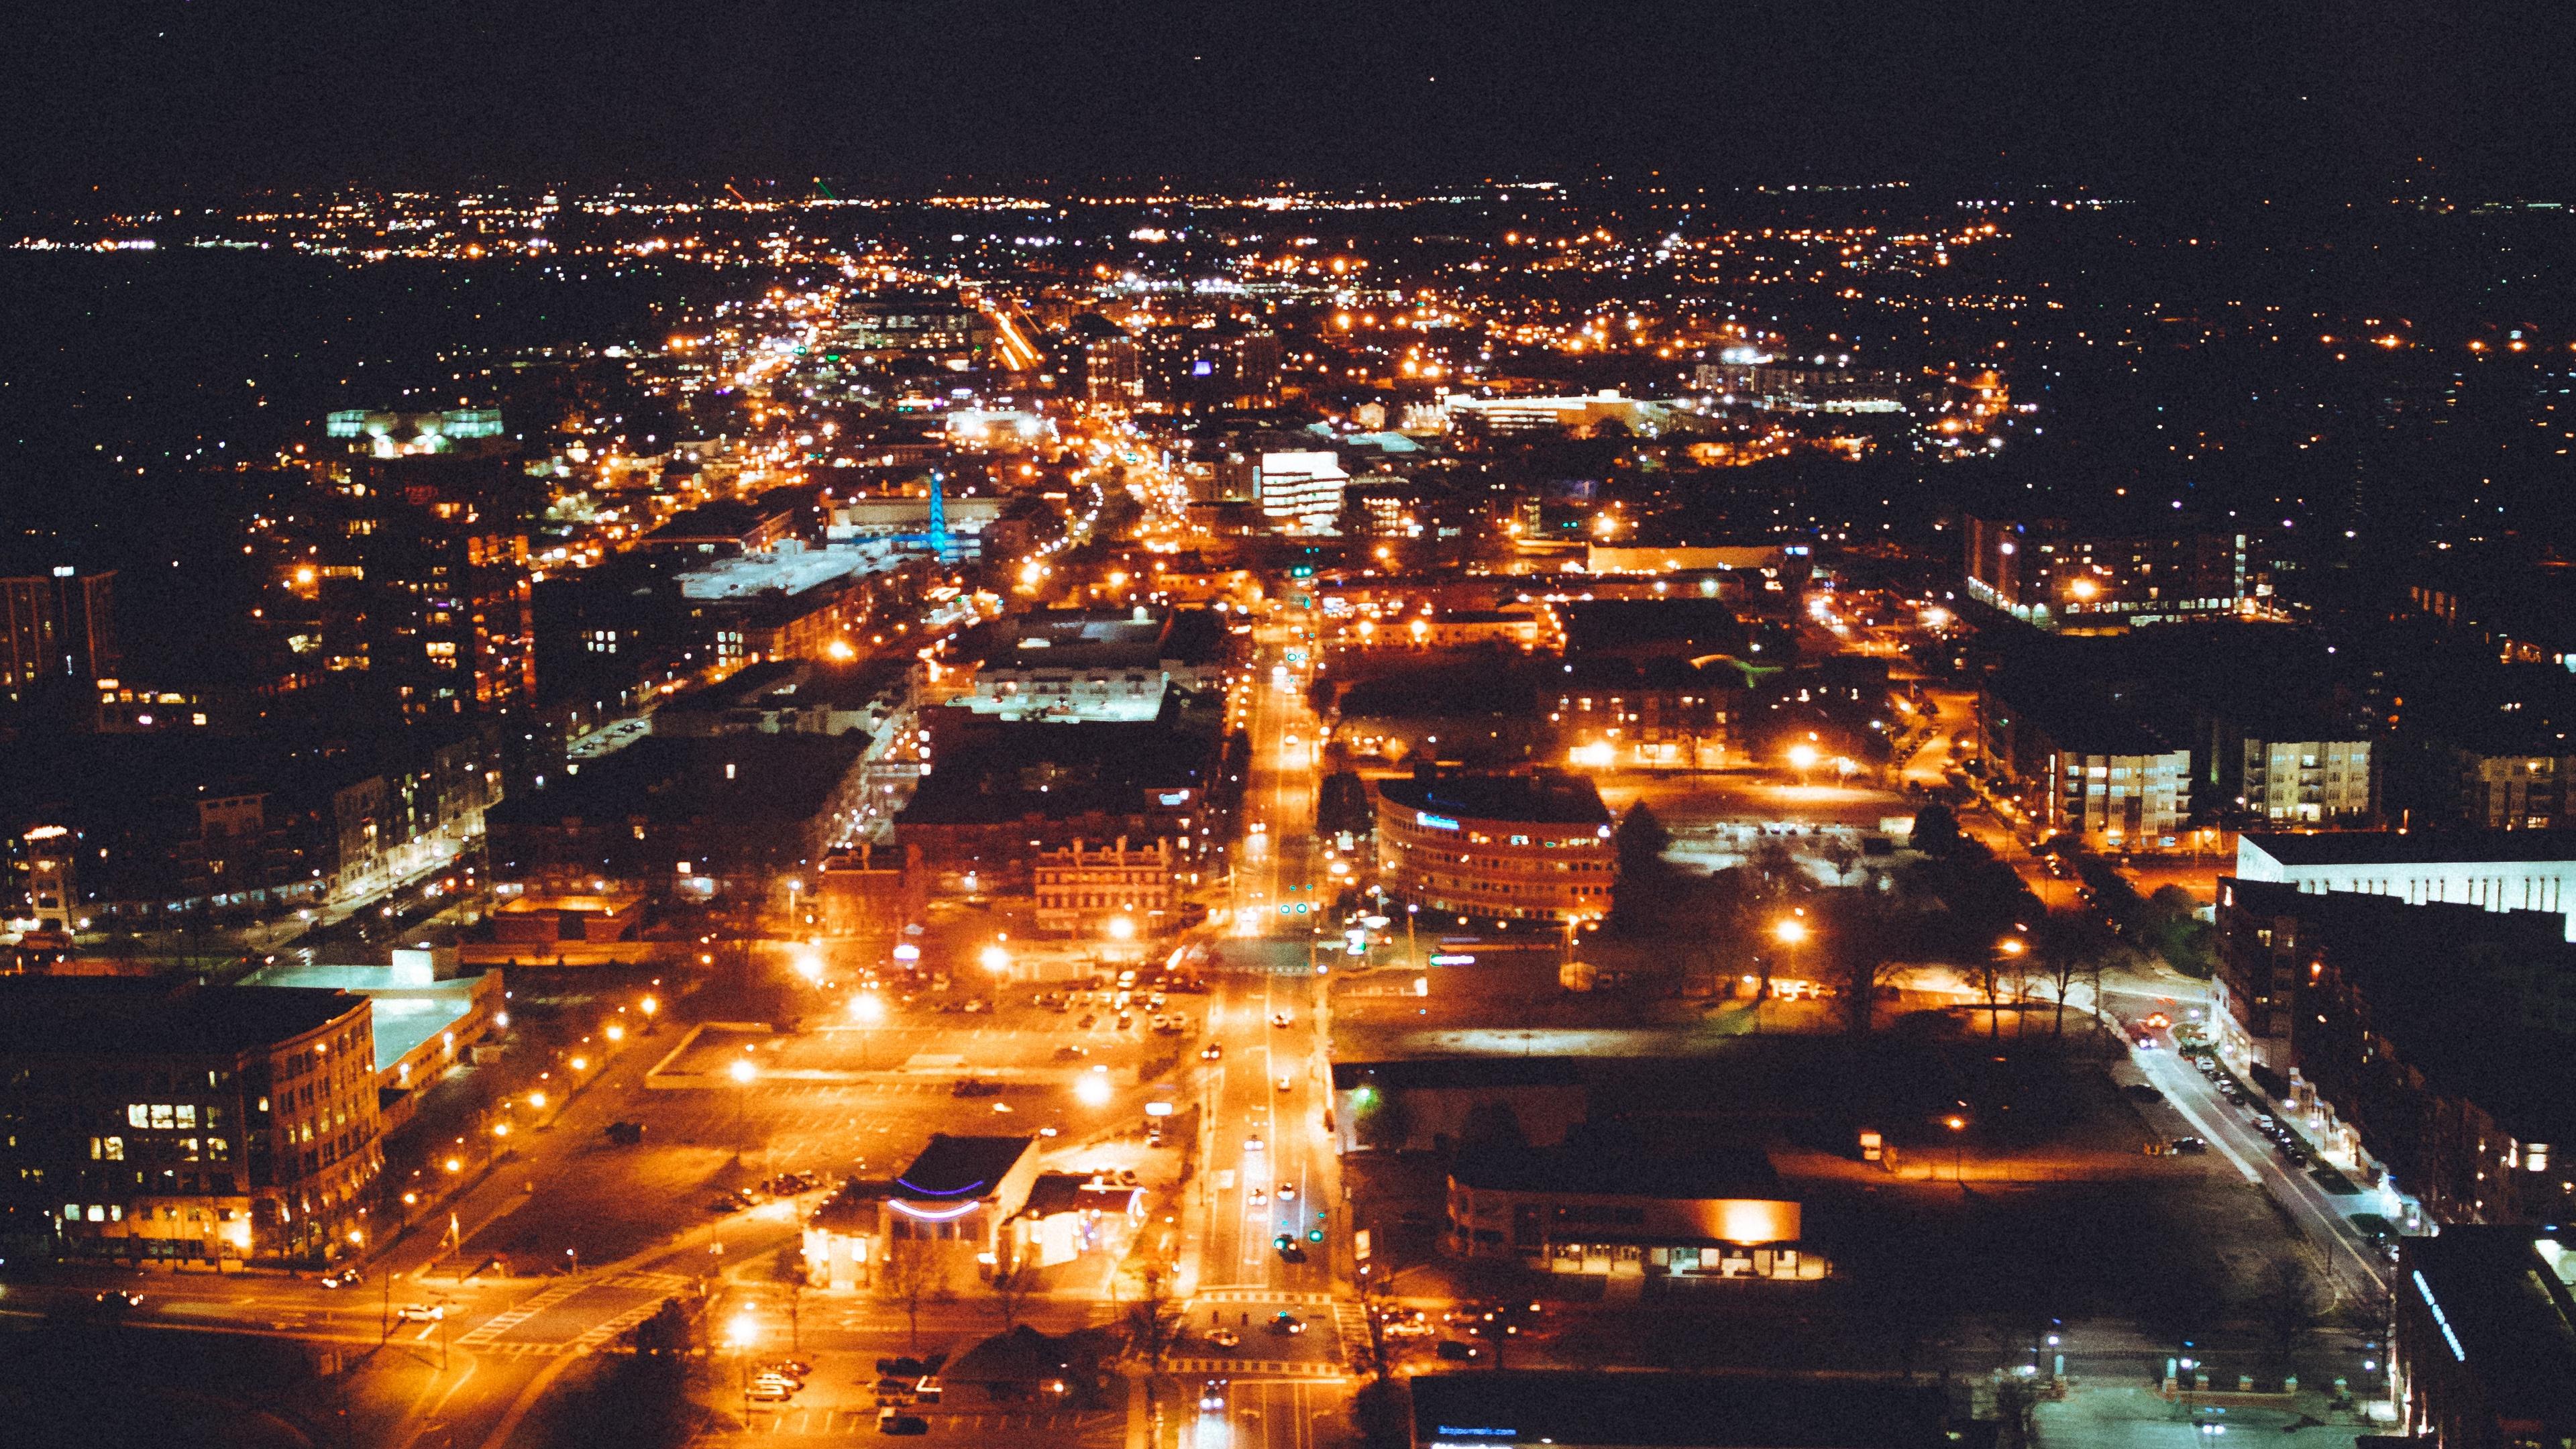 charlotte united states night city 4k 1538065361 - charlotte, united states, night city 4k - united states, night city, charlotte